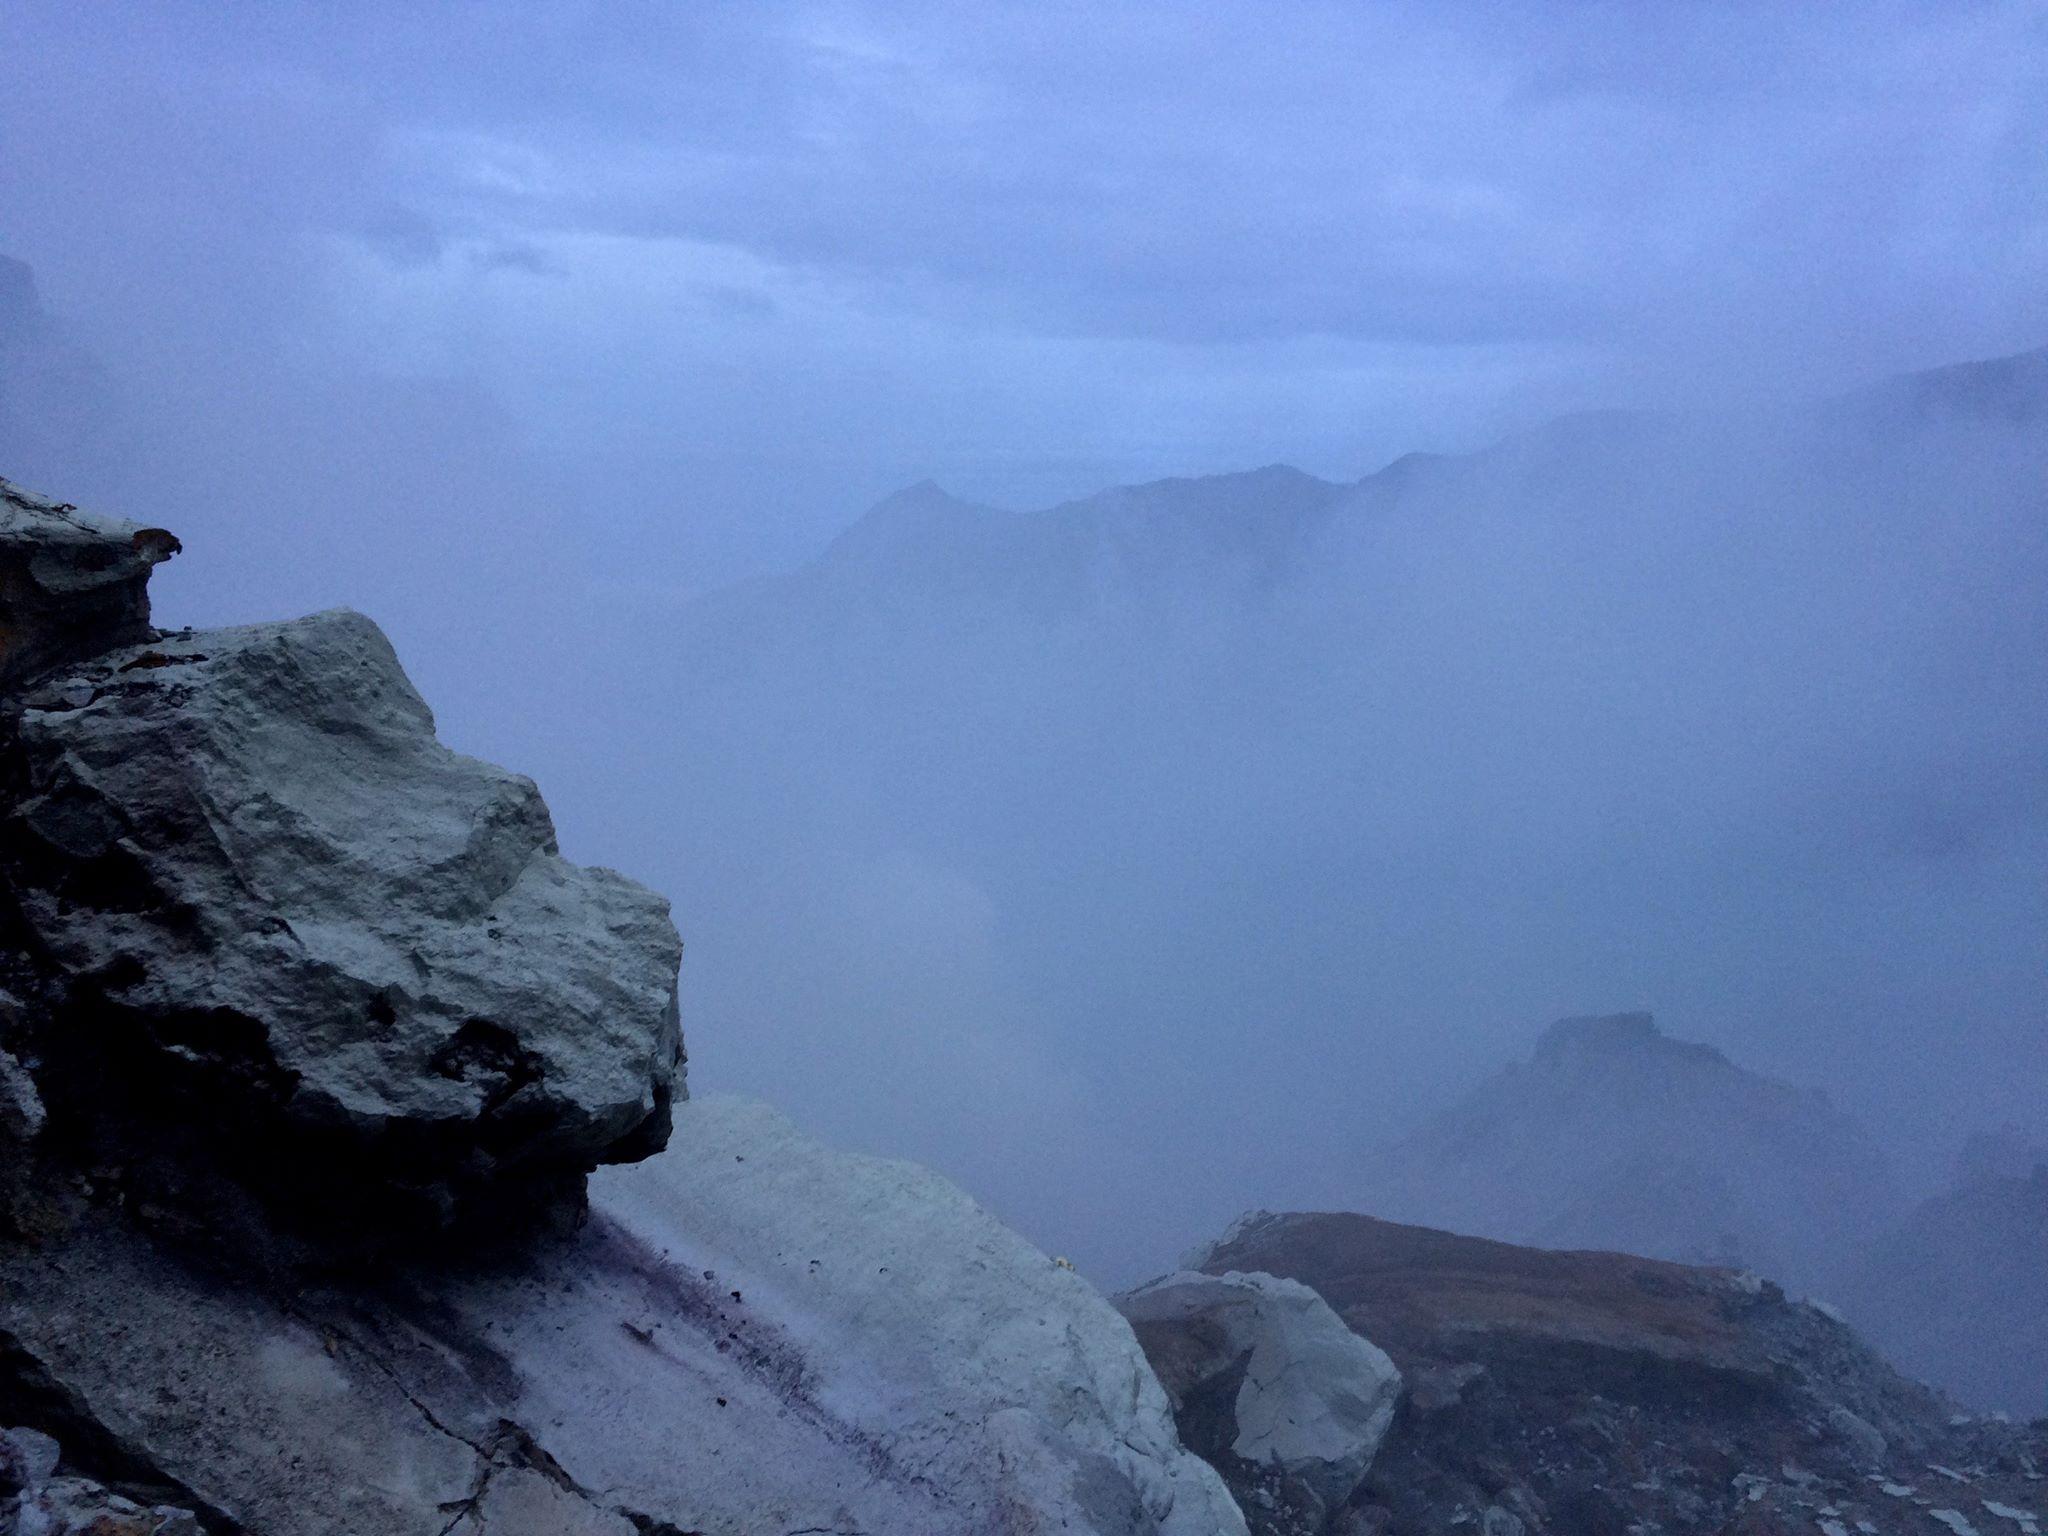 Запахло серой: ночной подъем на вулкан Иджен на острове Ява Запахло серой: ночной подъем на вулкан Иджен на острове Ява 29694084 1979885642328506 1166563817 o